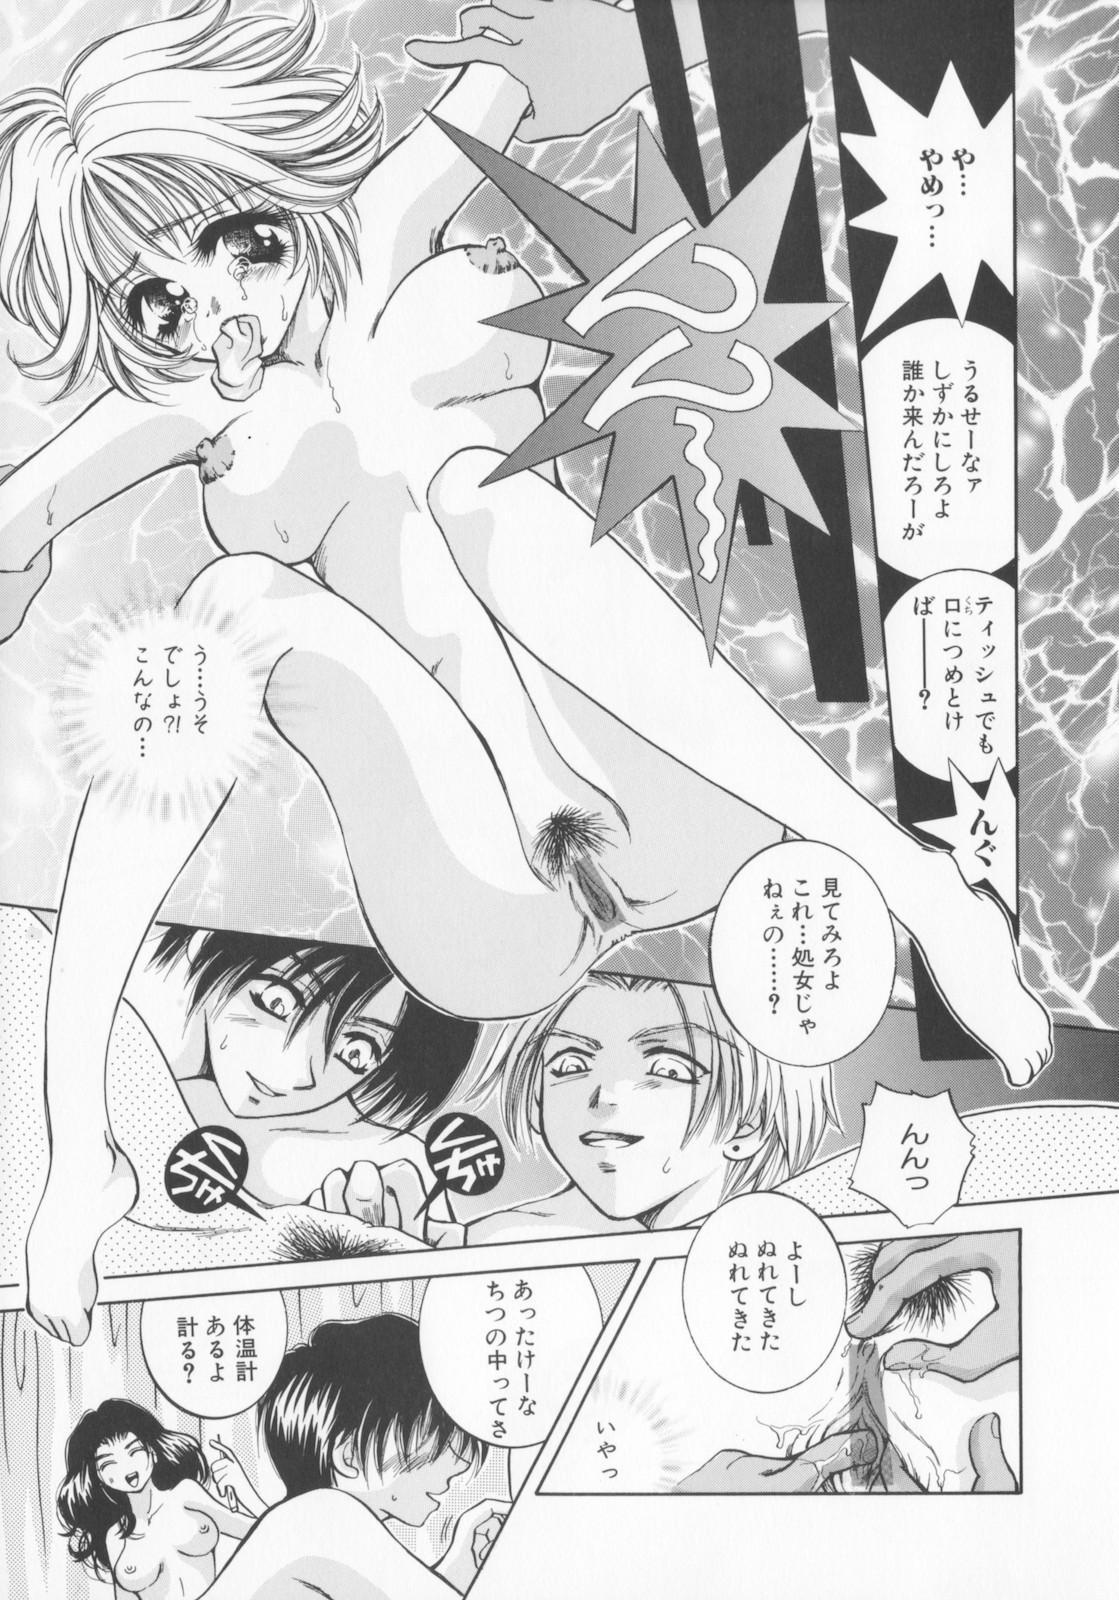 Kichiku dorei 26